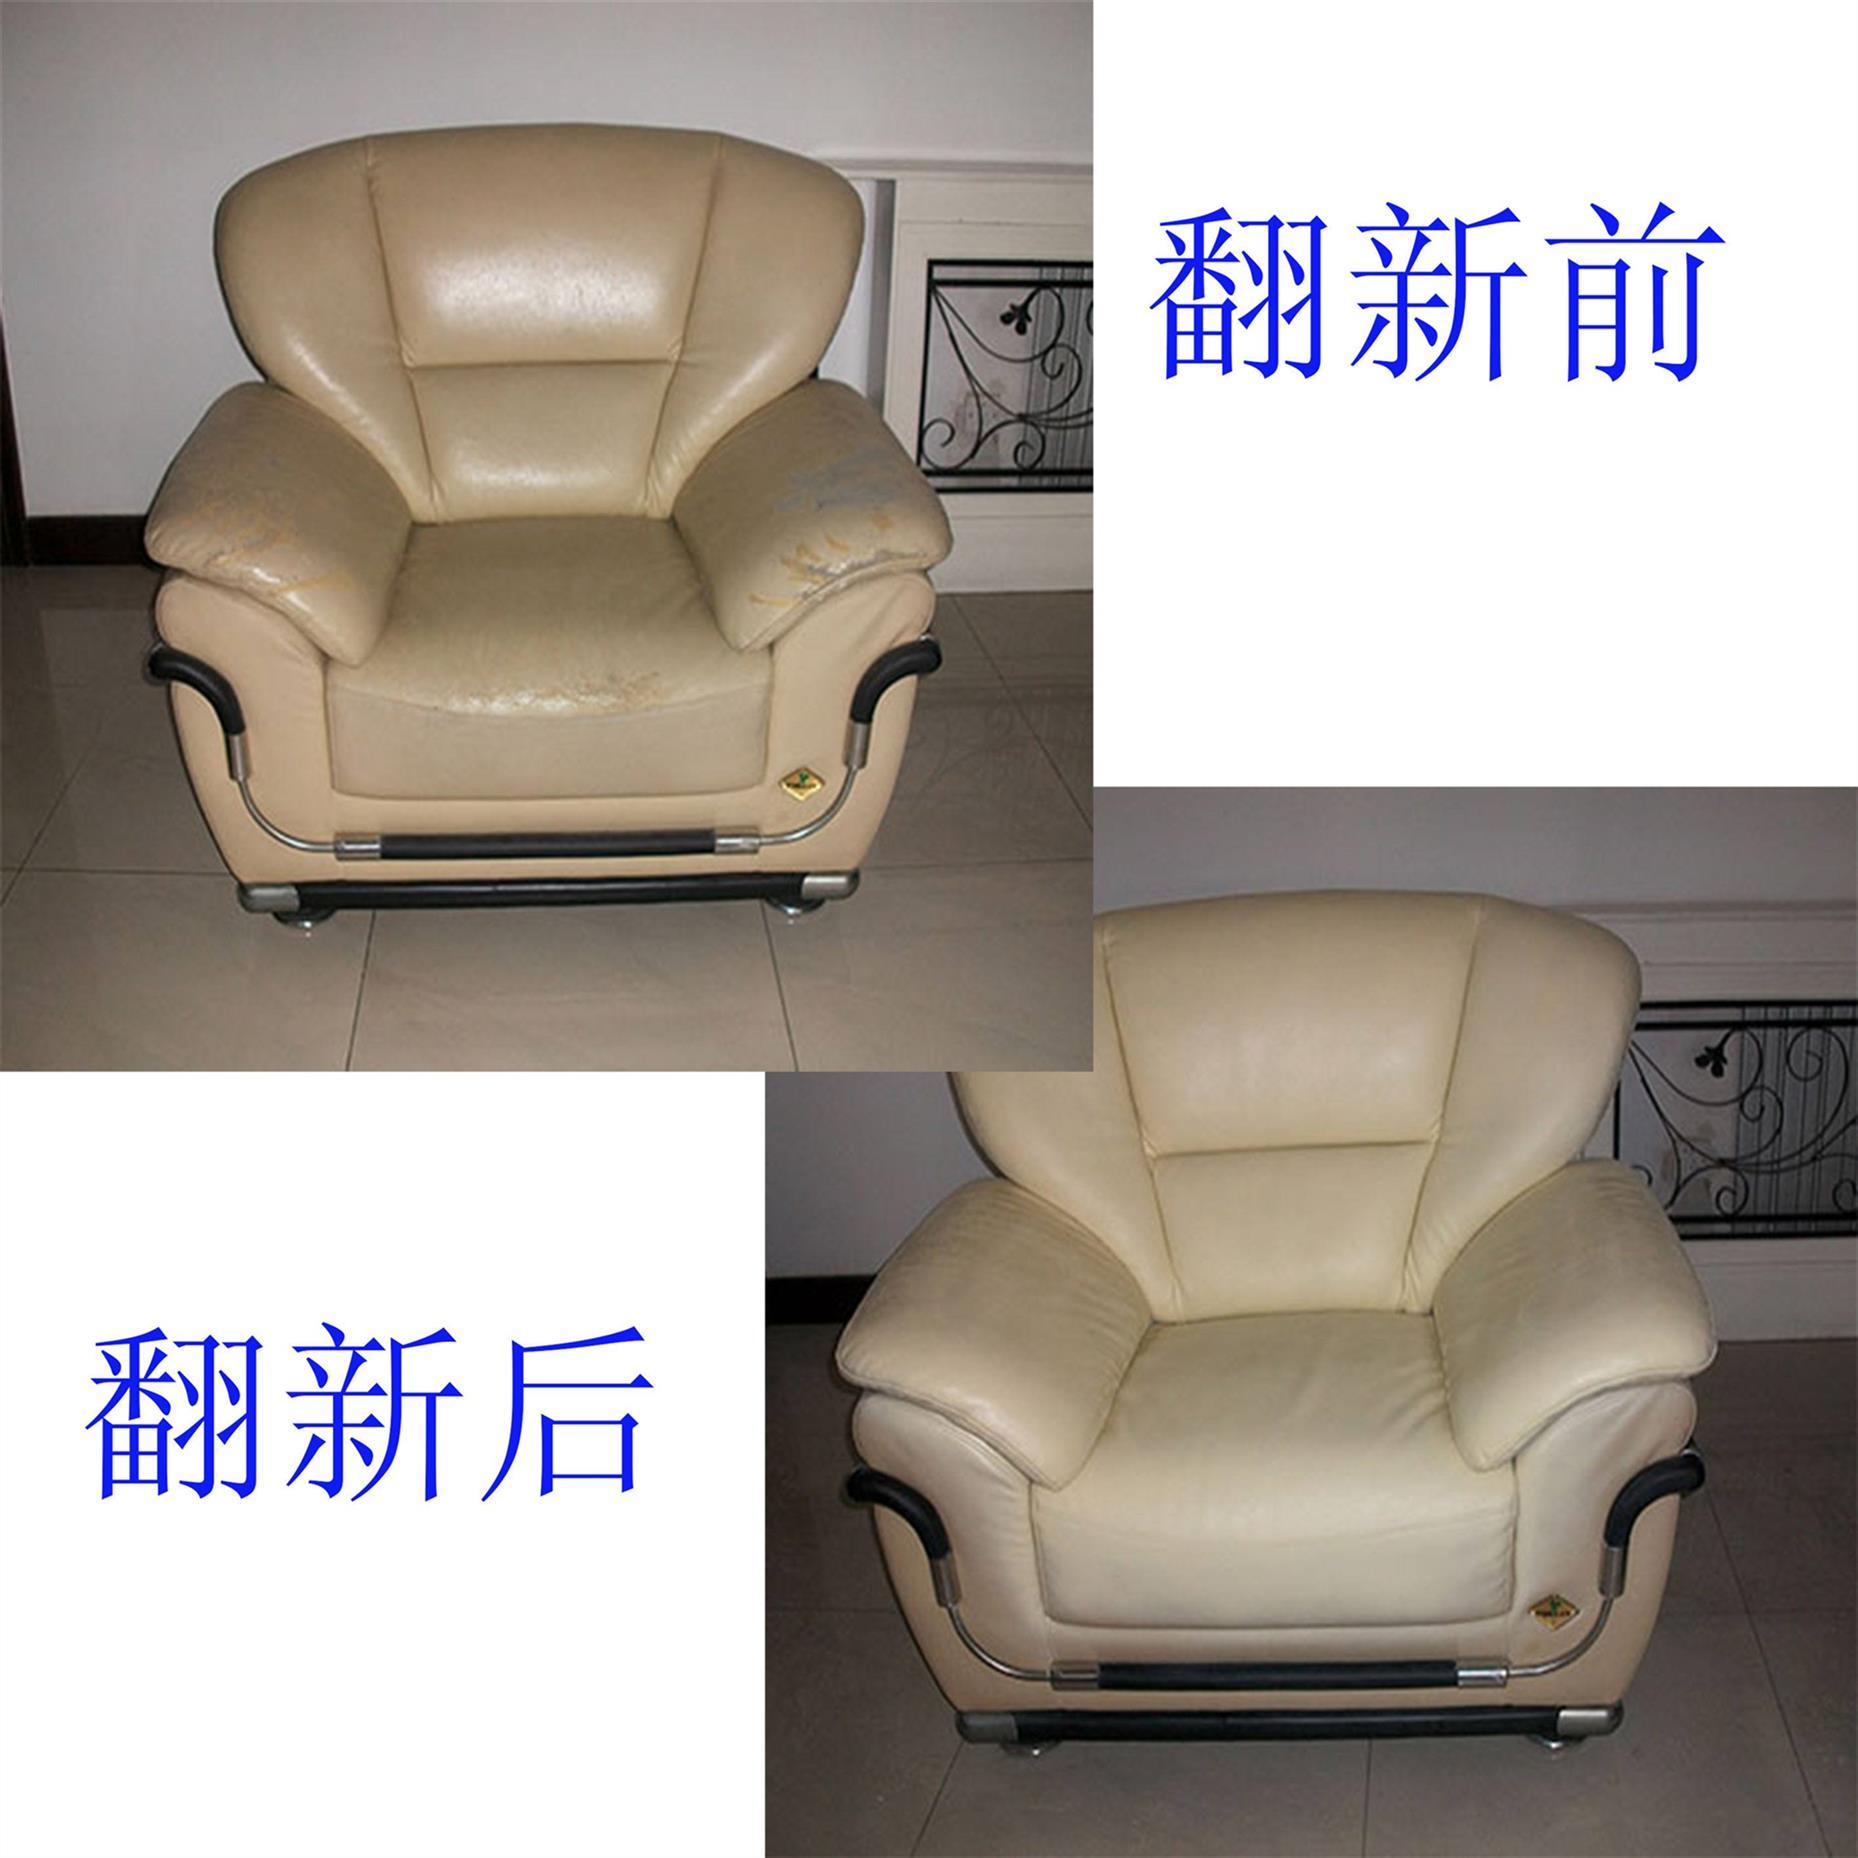 宝山旧沙发翻新